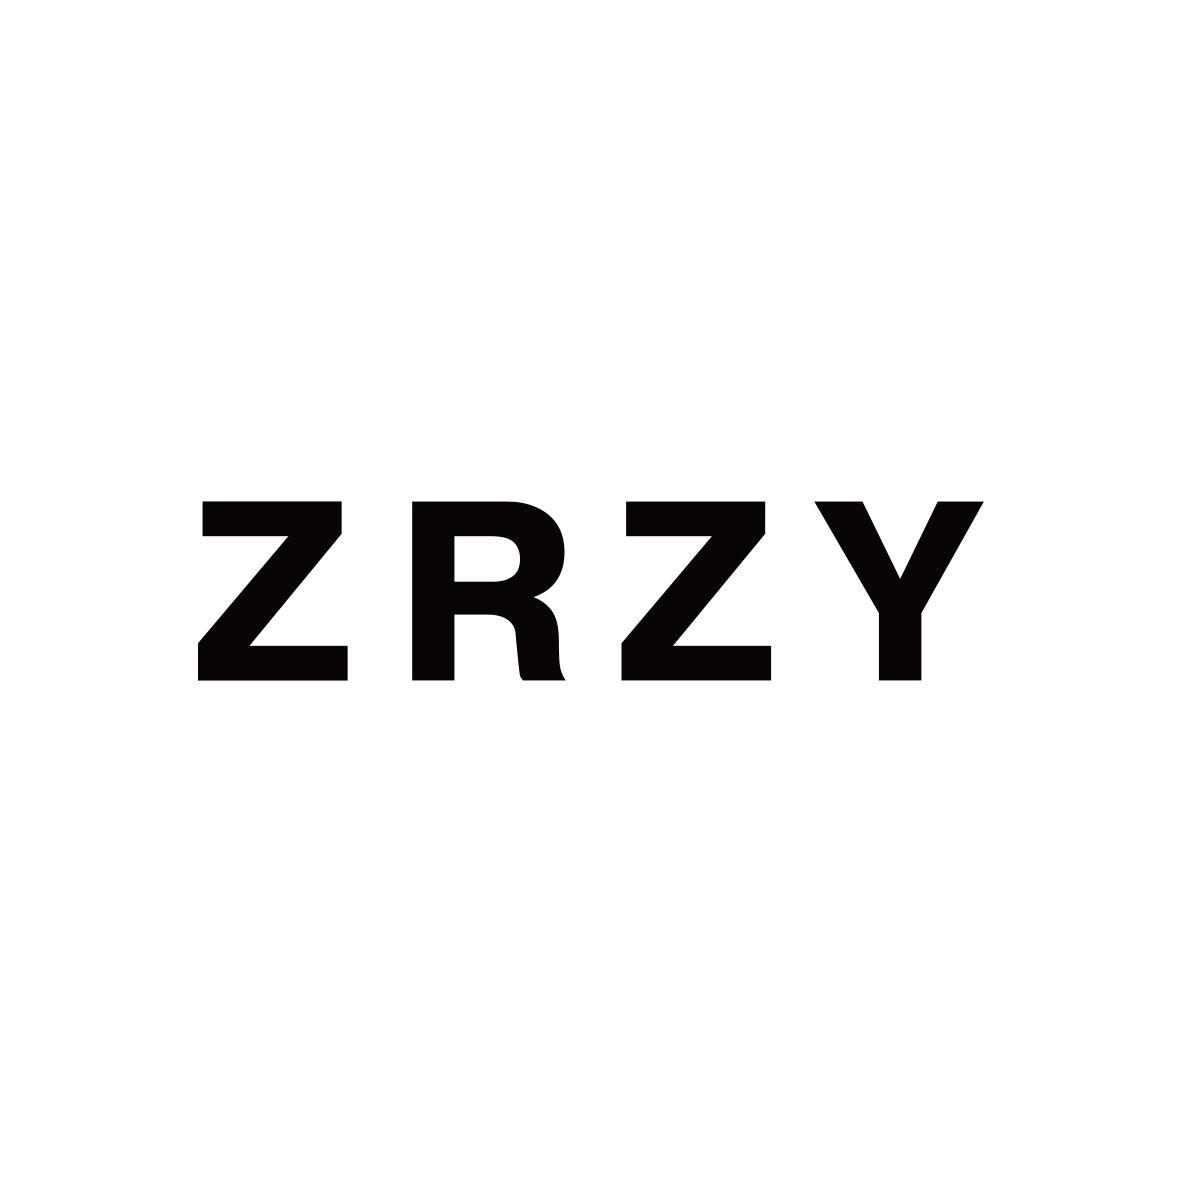 转让商标-ZRZY